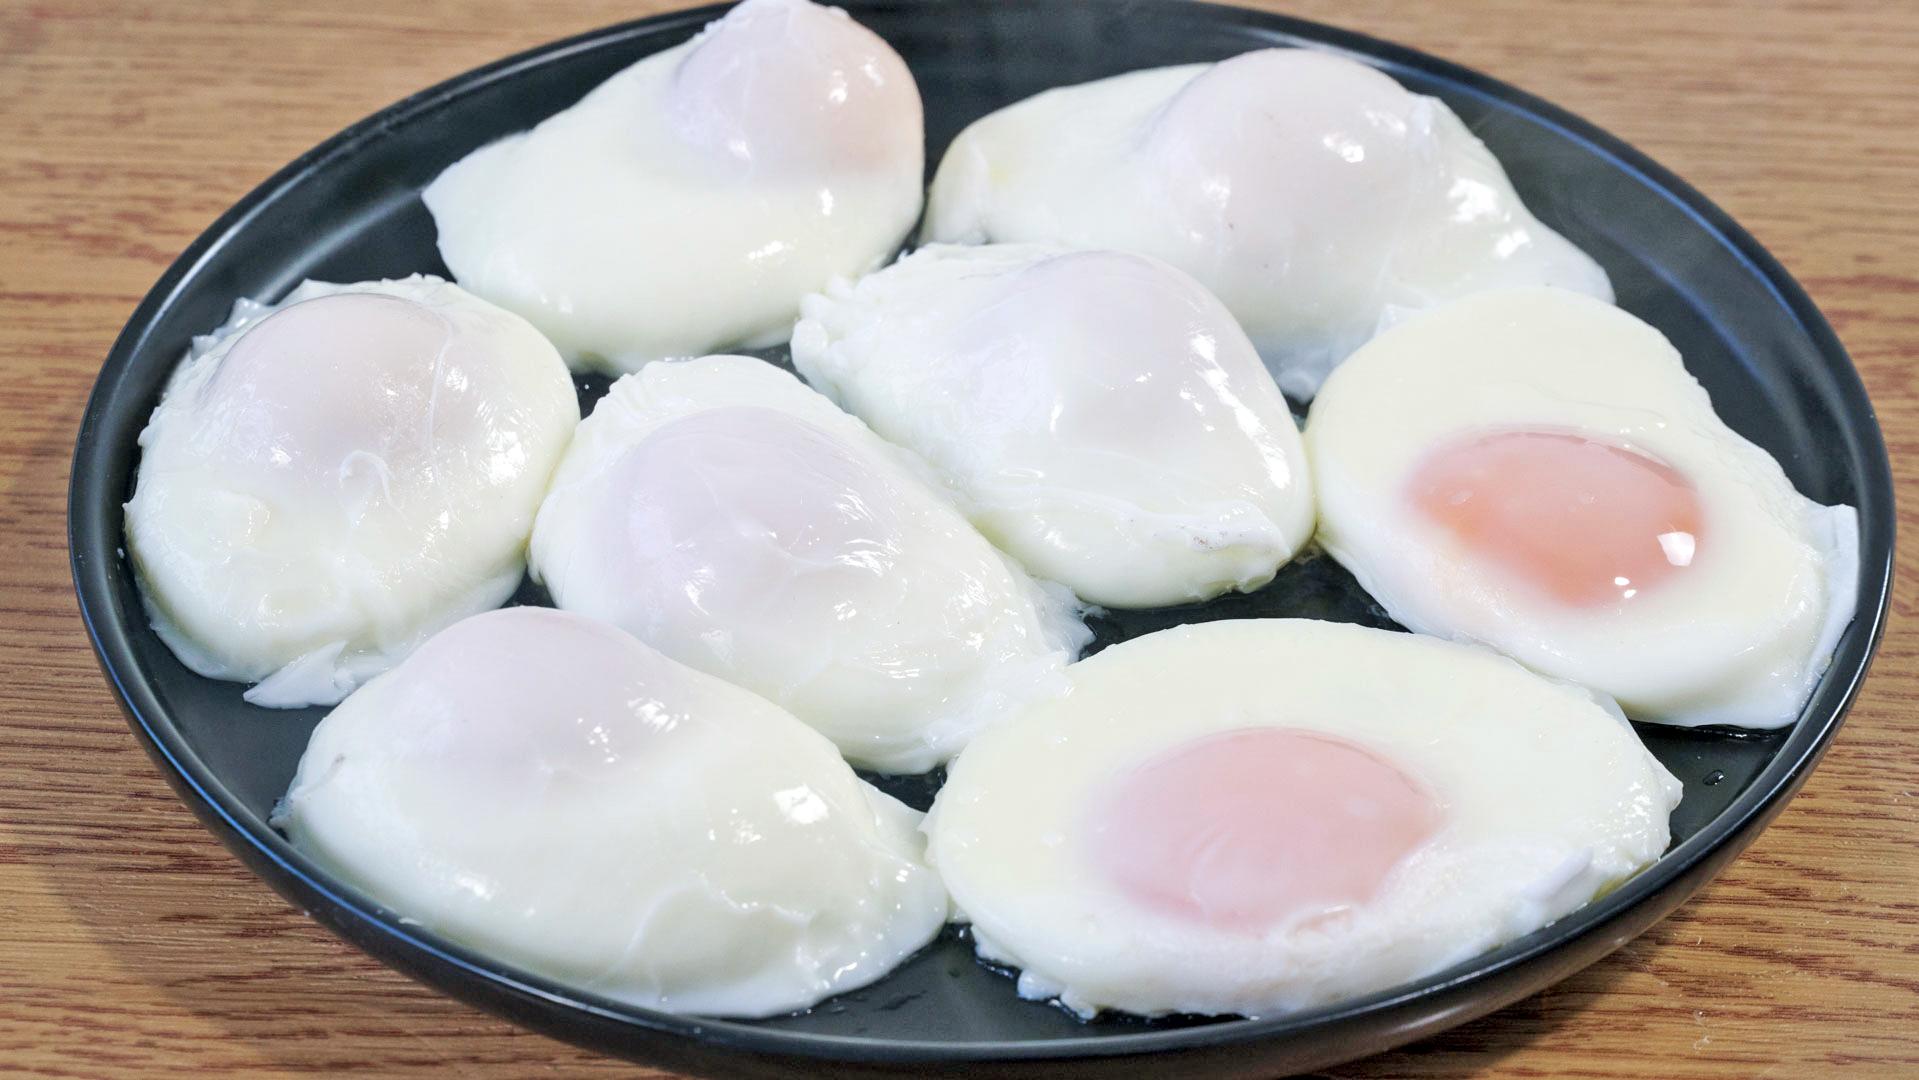 原来水煮荷包蛋这么简单,分享5种做法,做出来又圆又嫩还不散花